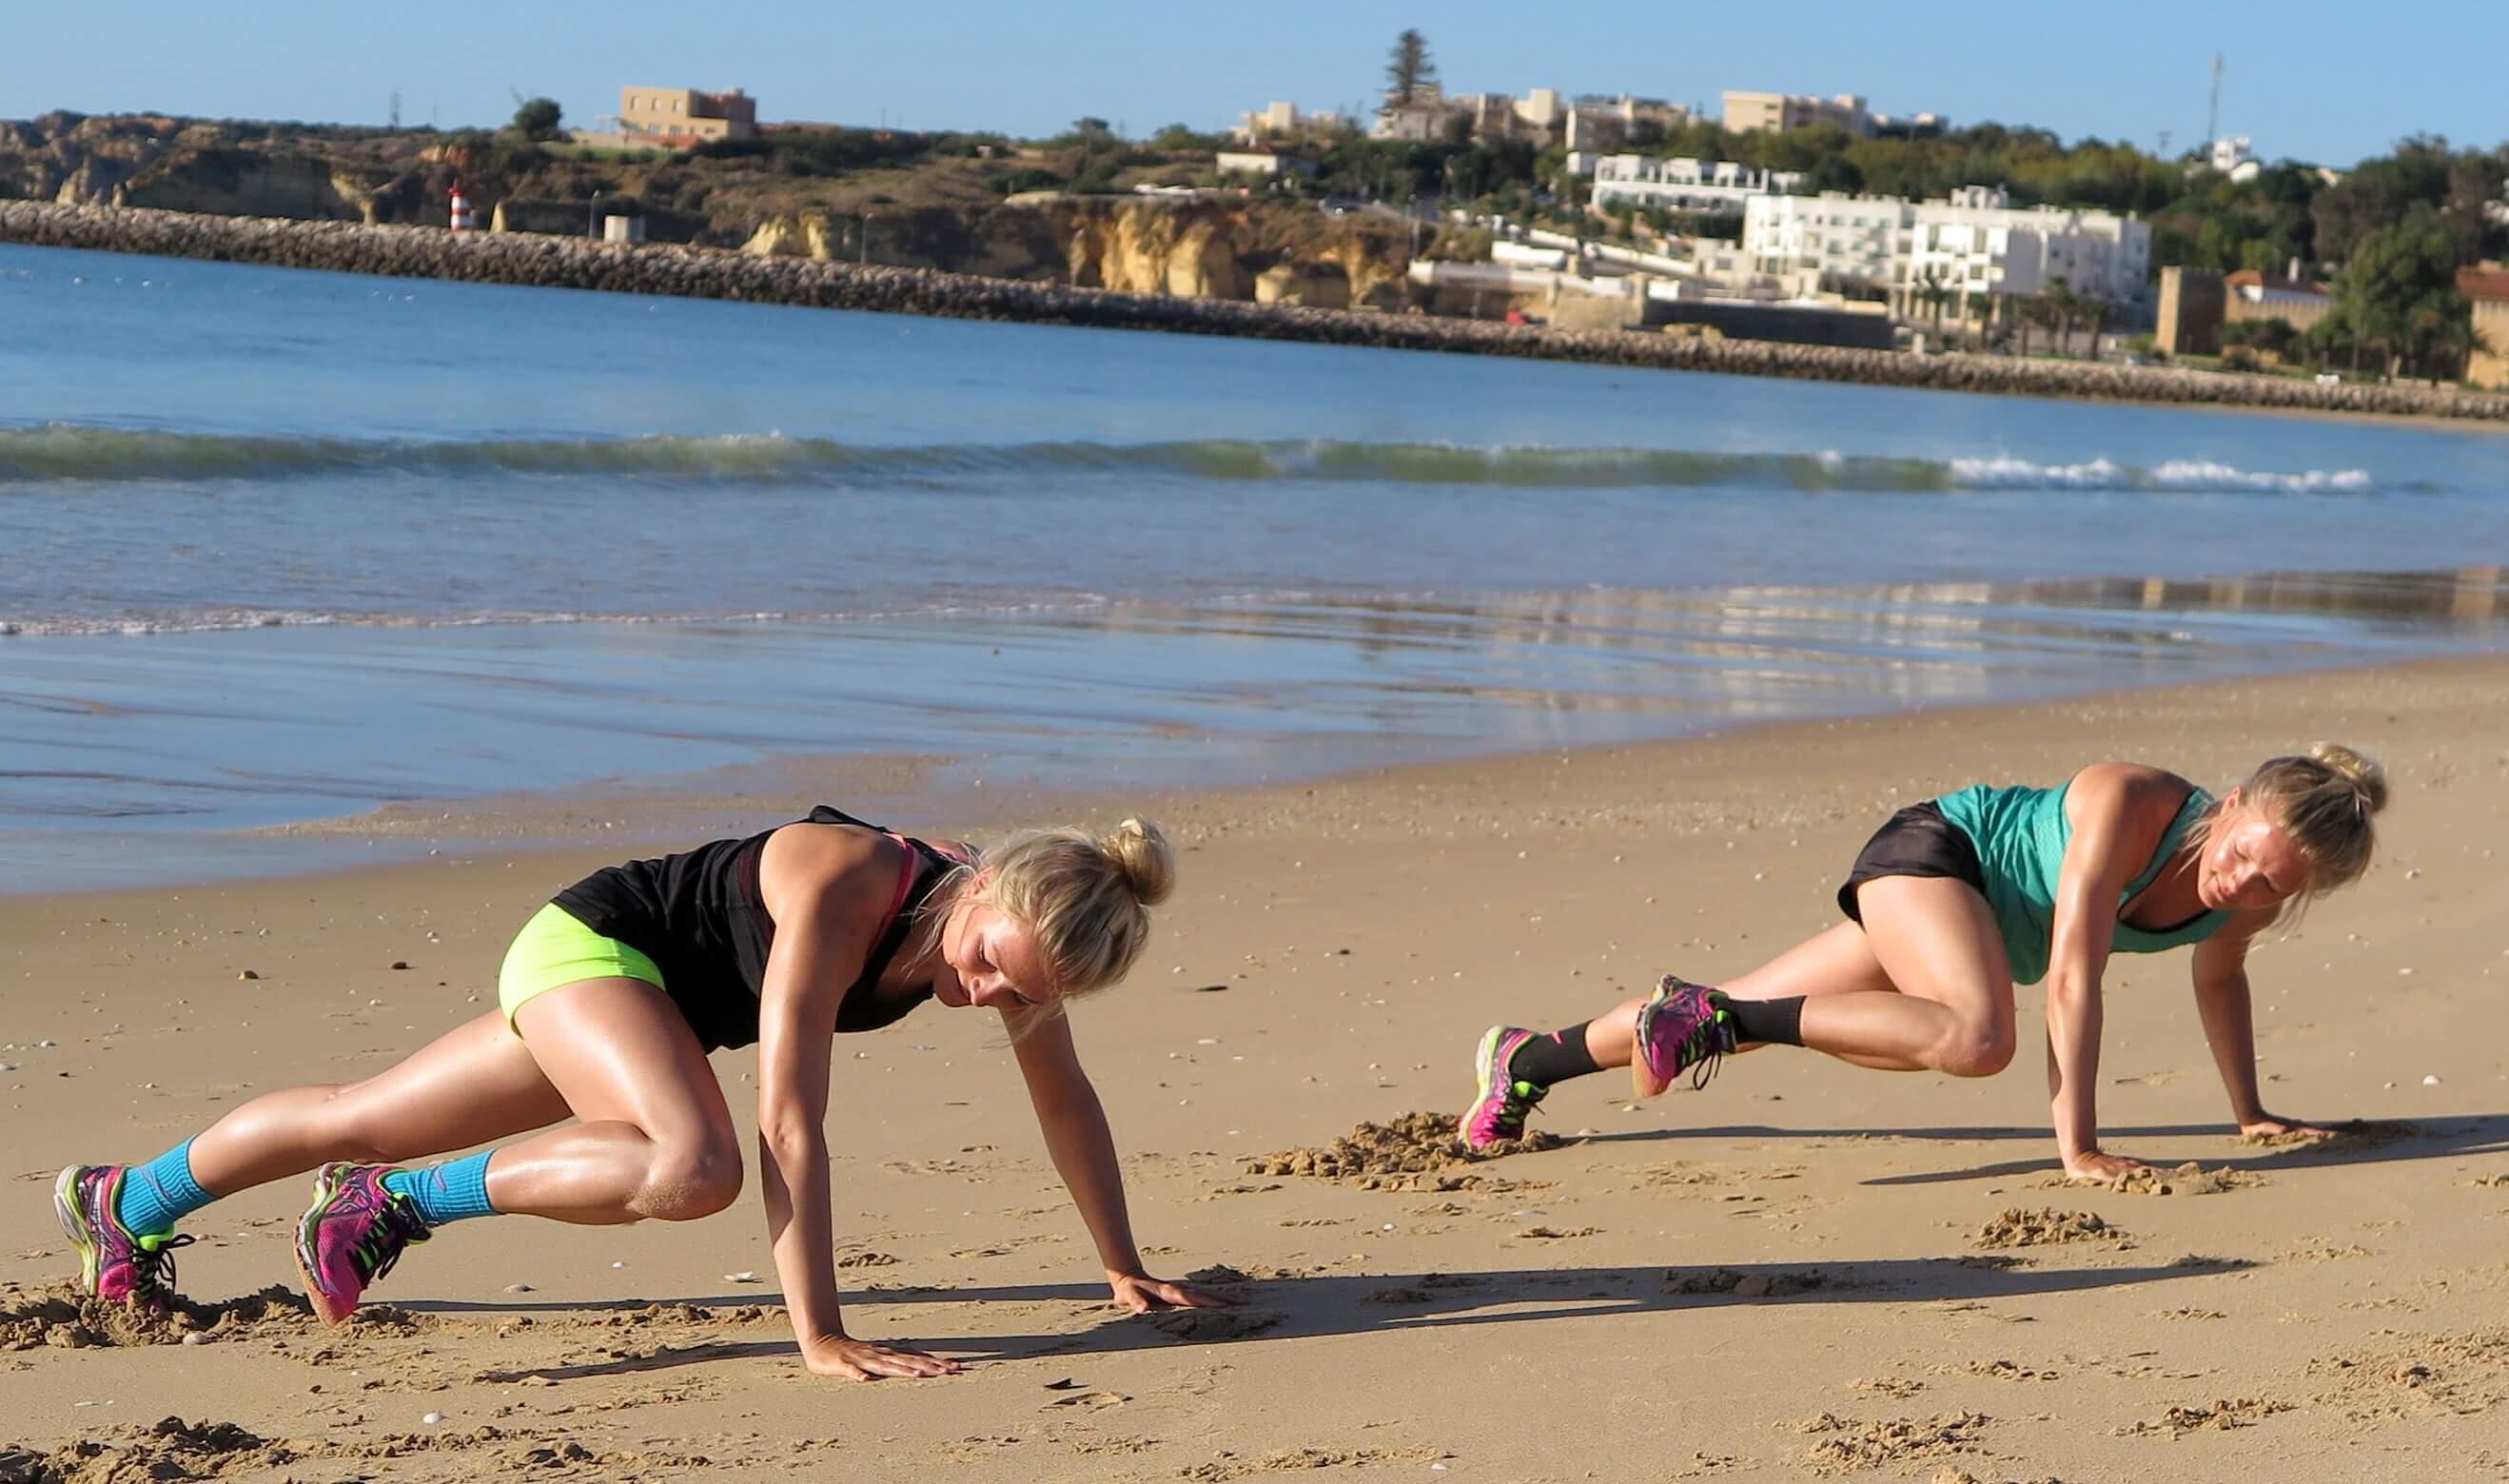 Regelmäßige Sporteinheiten lassen das Fett an der Hüfte schmelzen